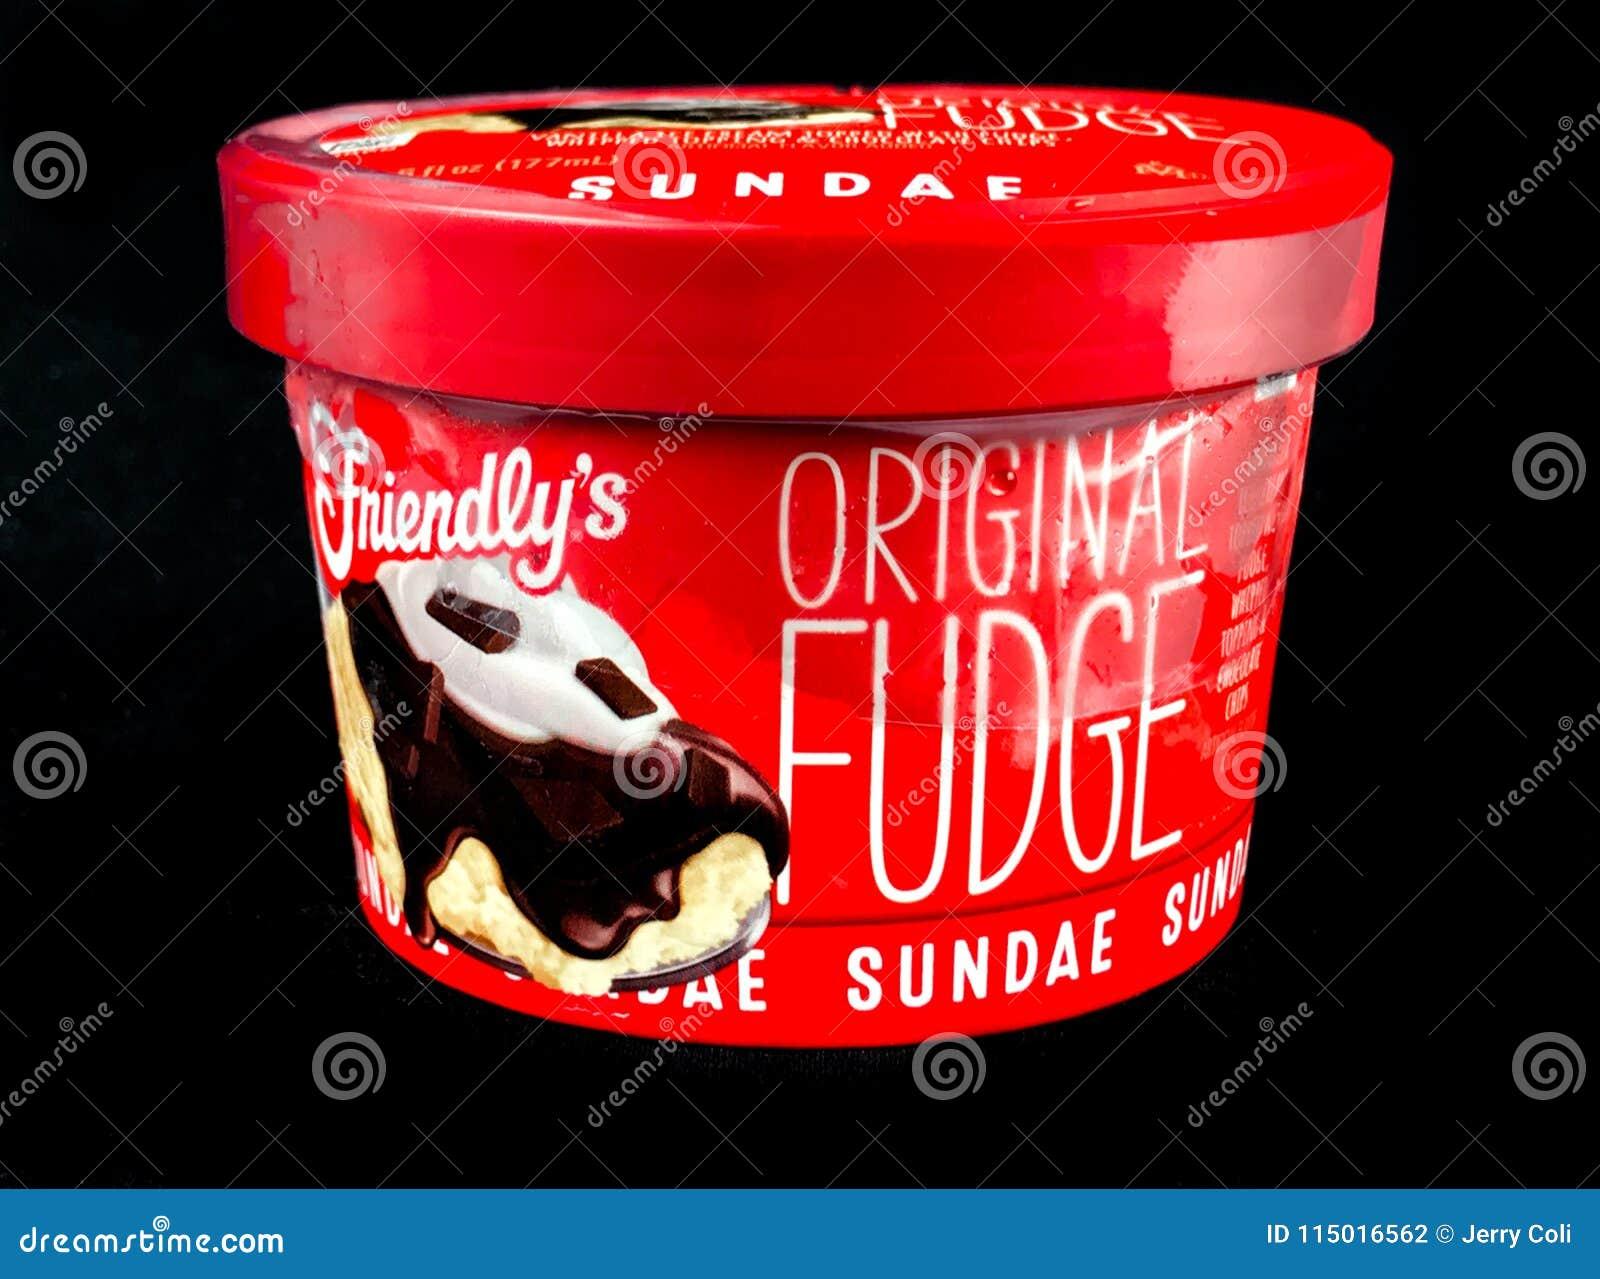 Friendly`s Individual Original Fudge Ice Cream Sundae